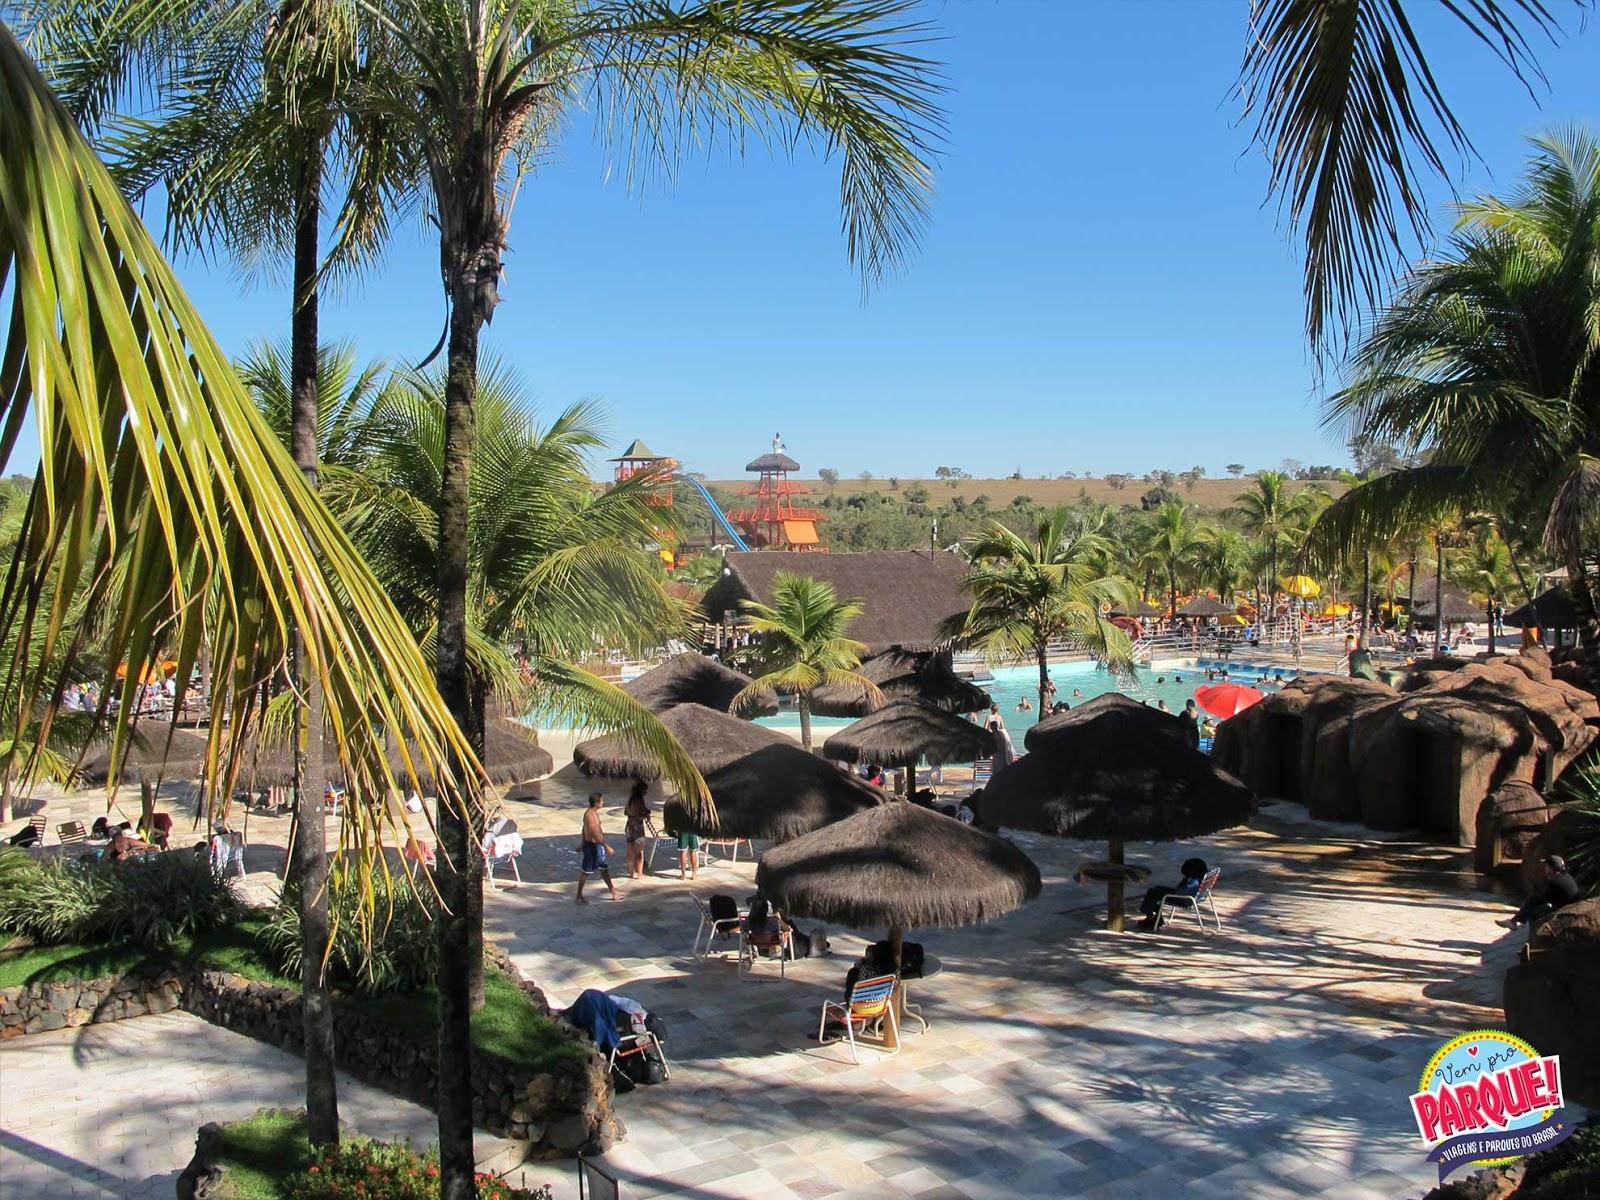 Parque Aquático Thermas dos Laranjais em Olímpia